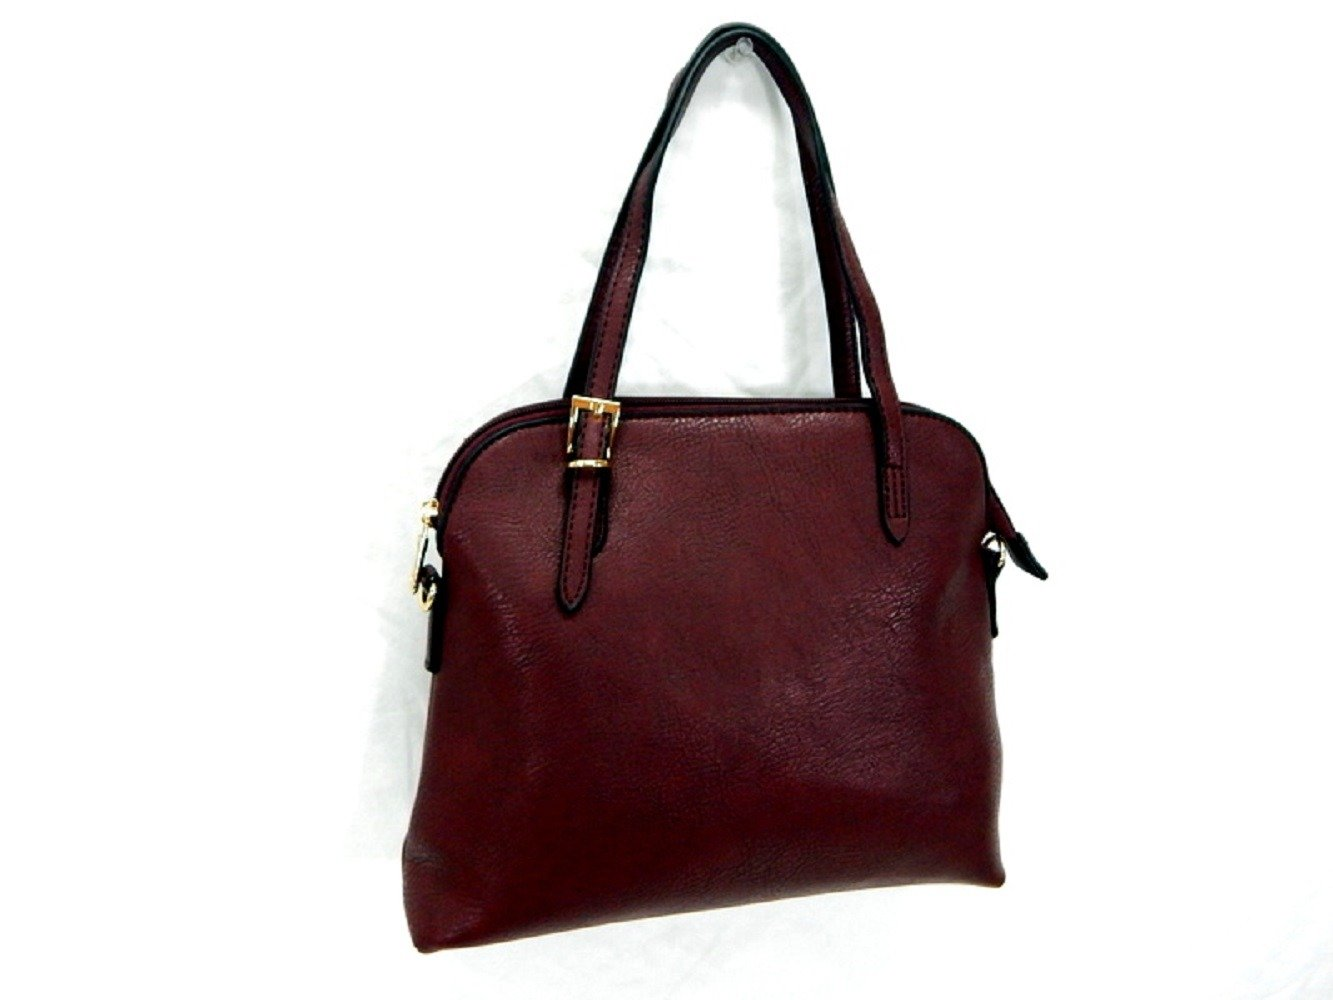 ファッションハンドバッグds9840、15